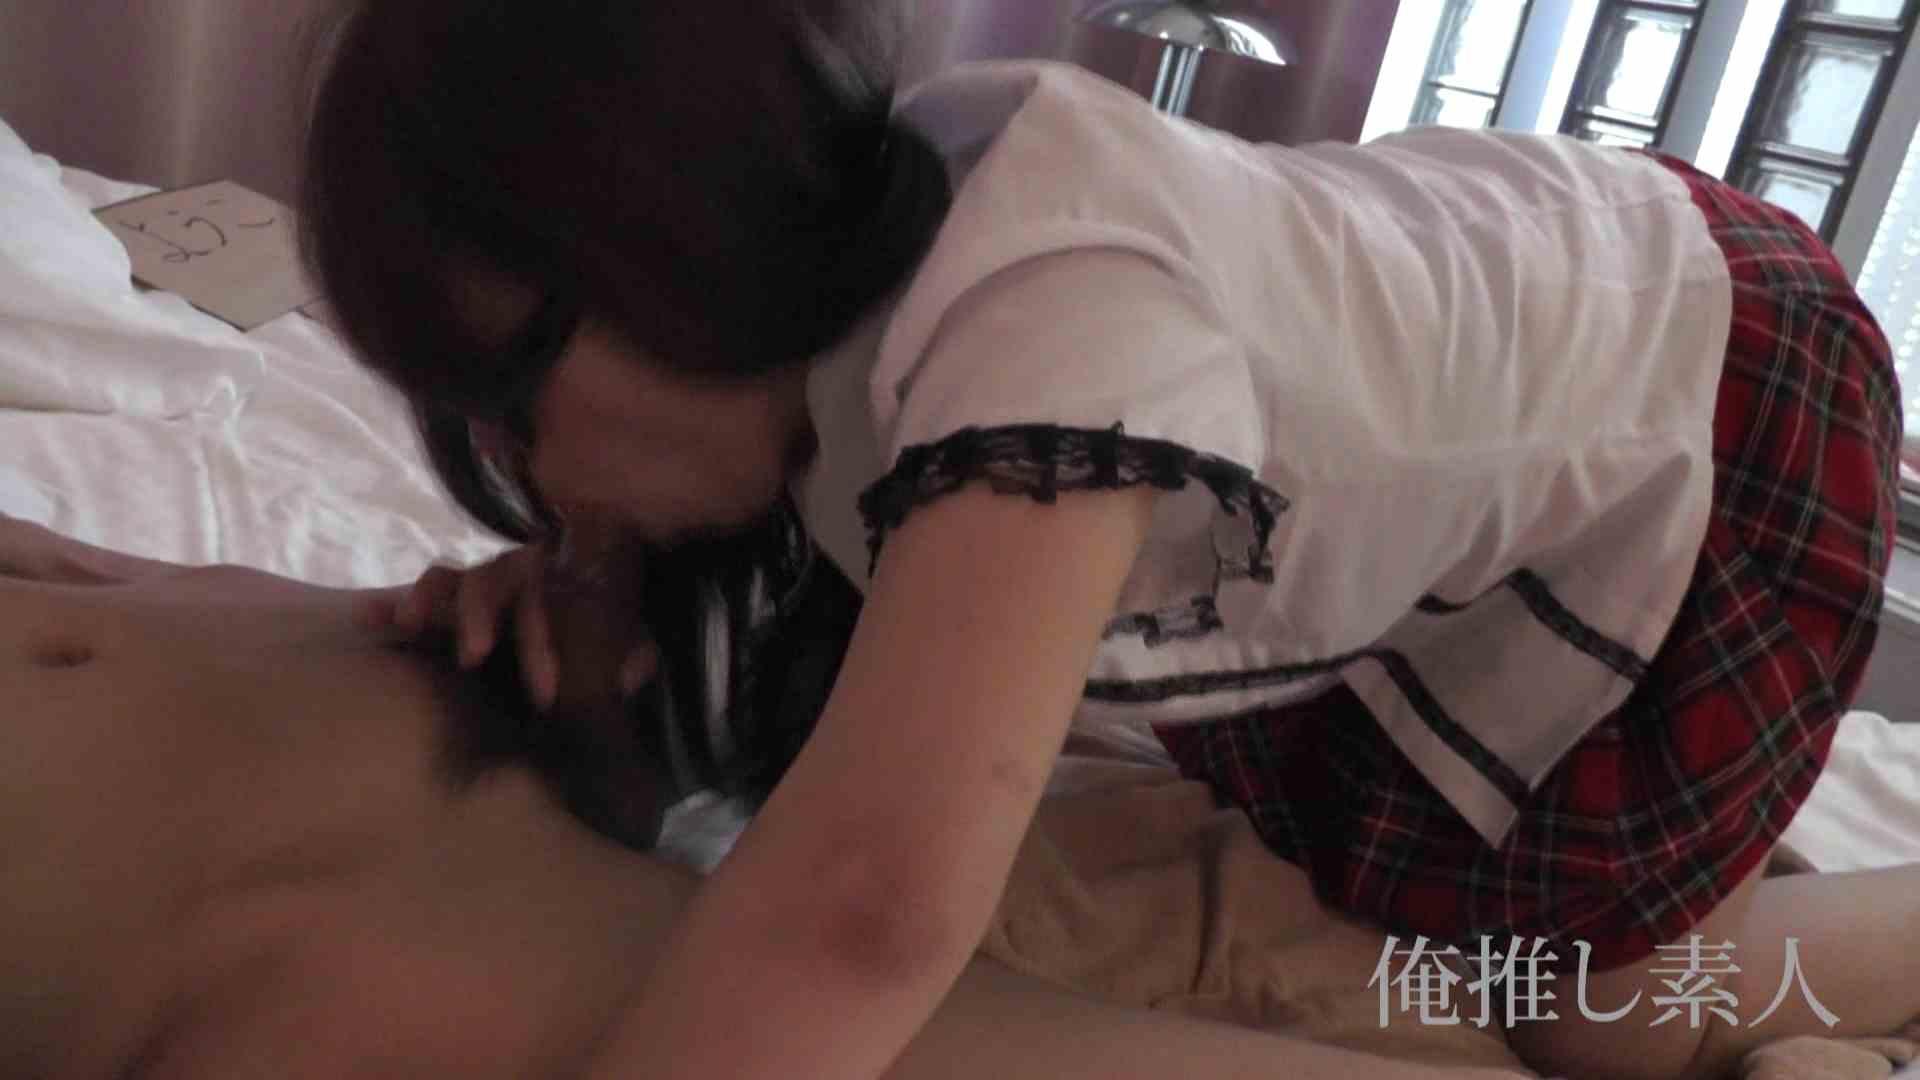 俺推し素人 EカップシングルマザーOL30歳瑤子vol3 人妻のエロ生活 ぱこり動画紹介 70連発 27